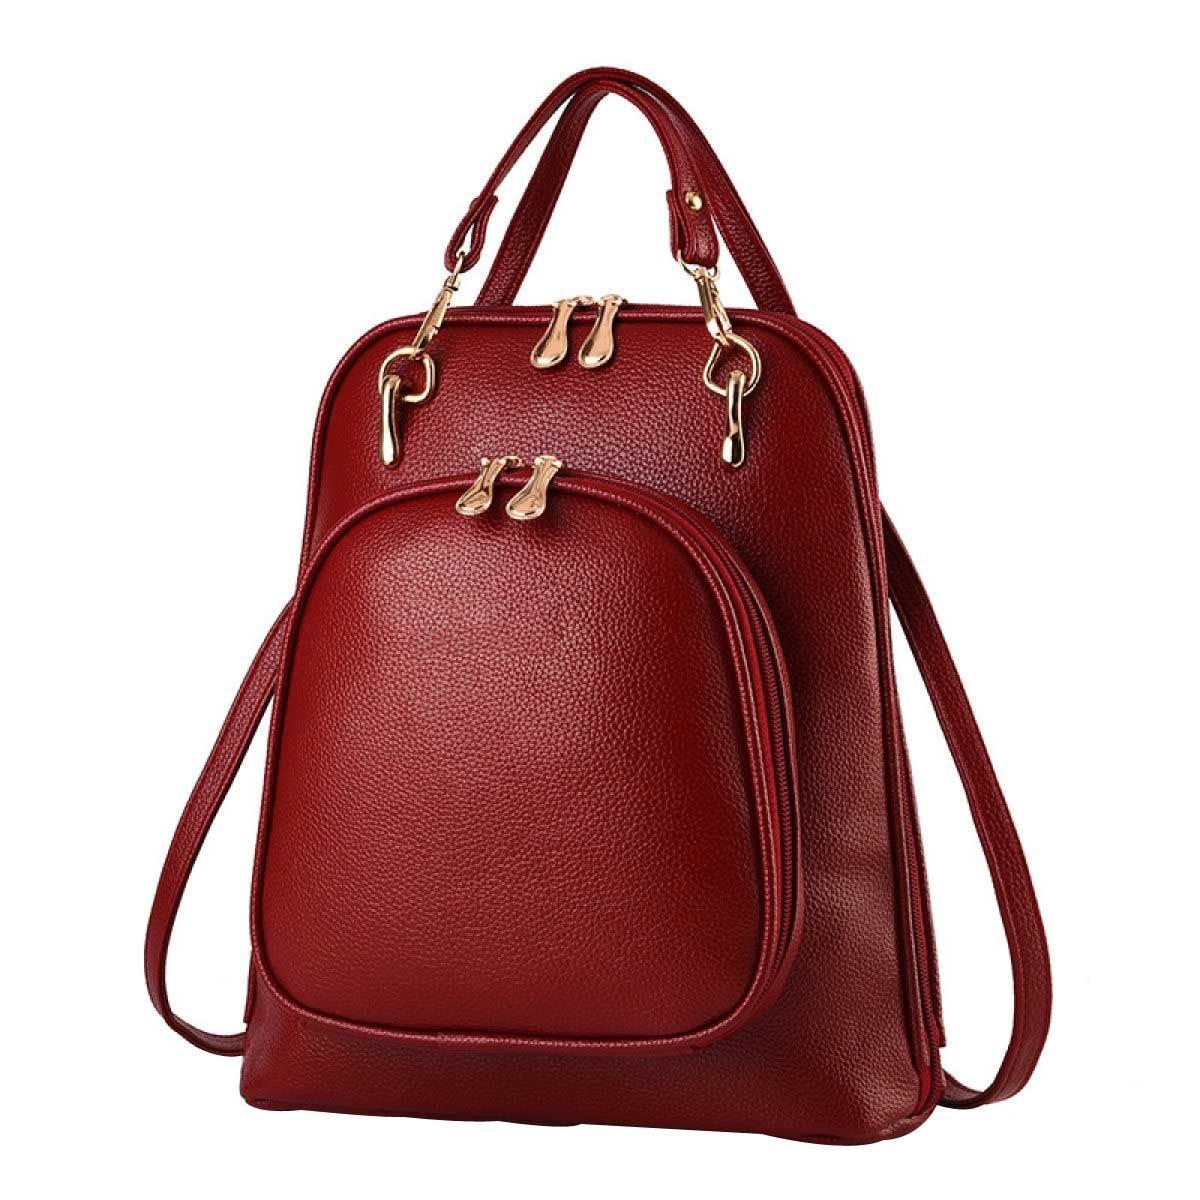 Handtasche Für Frauen Lässig Umhängetasche B075R6GQJH Schultertaschen Reparieren Reparieren Reparieren 32793b